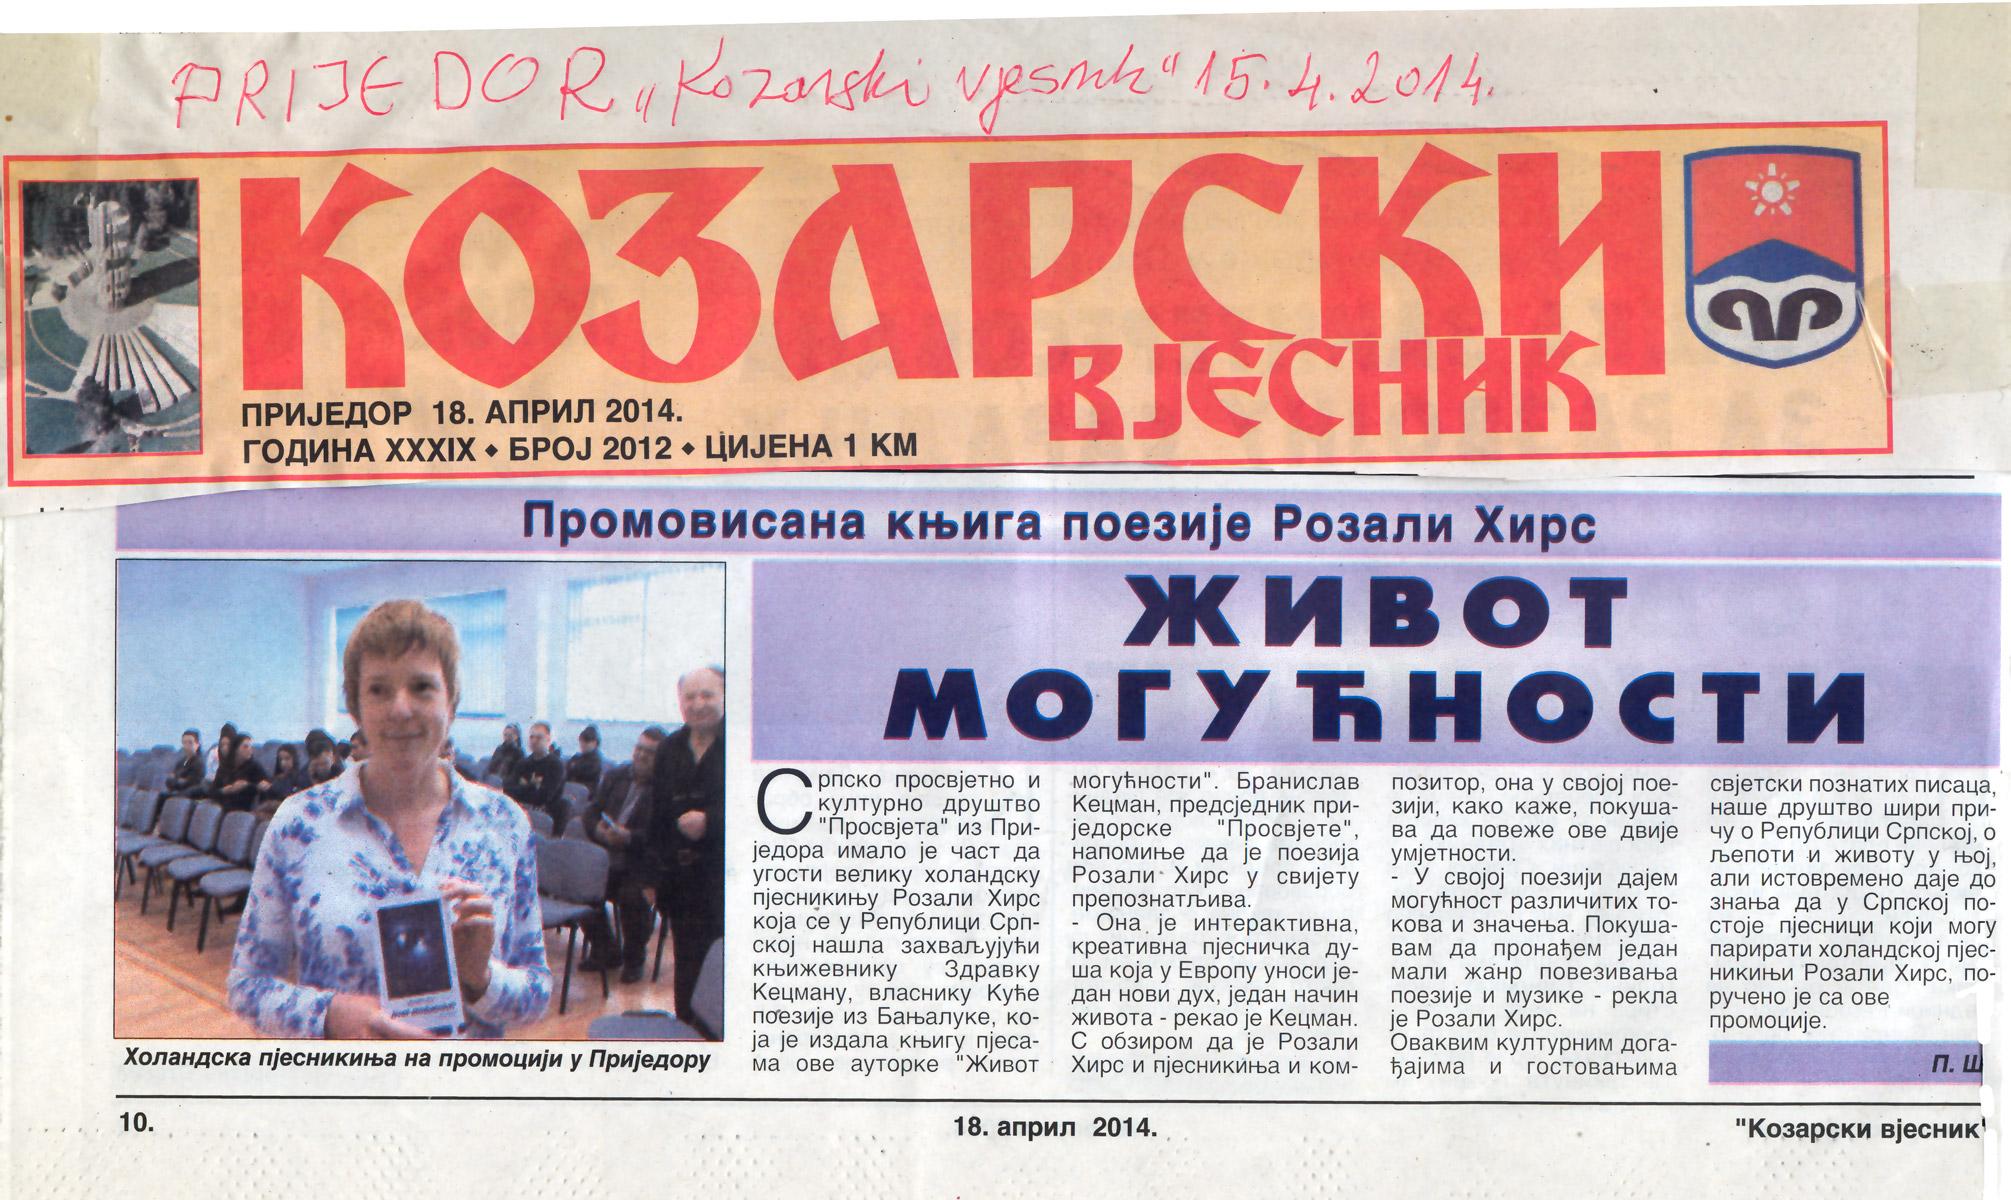 140415-Bosnie-krant-kozarski vijesnik